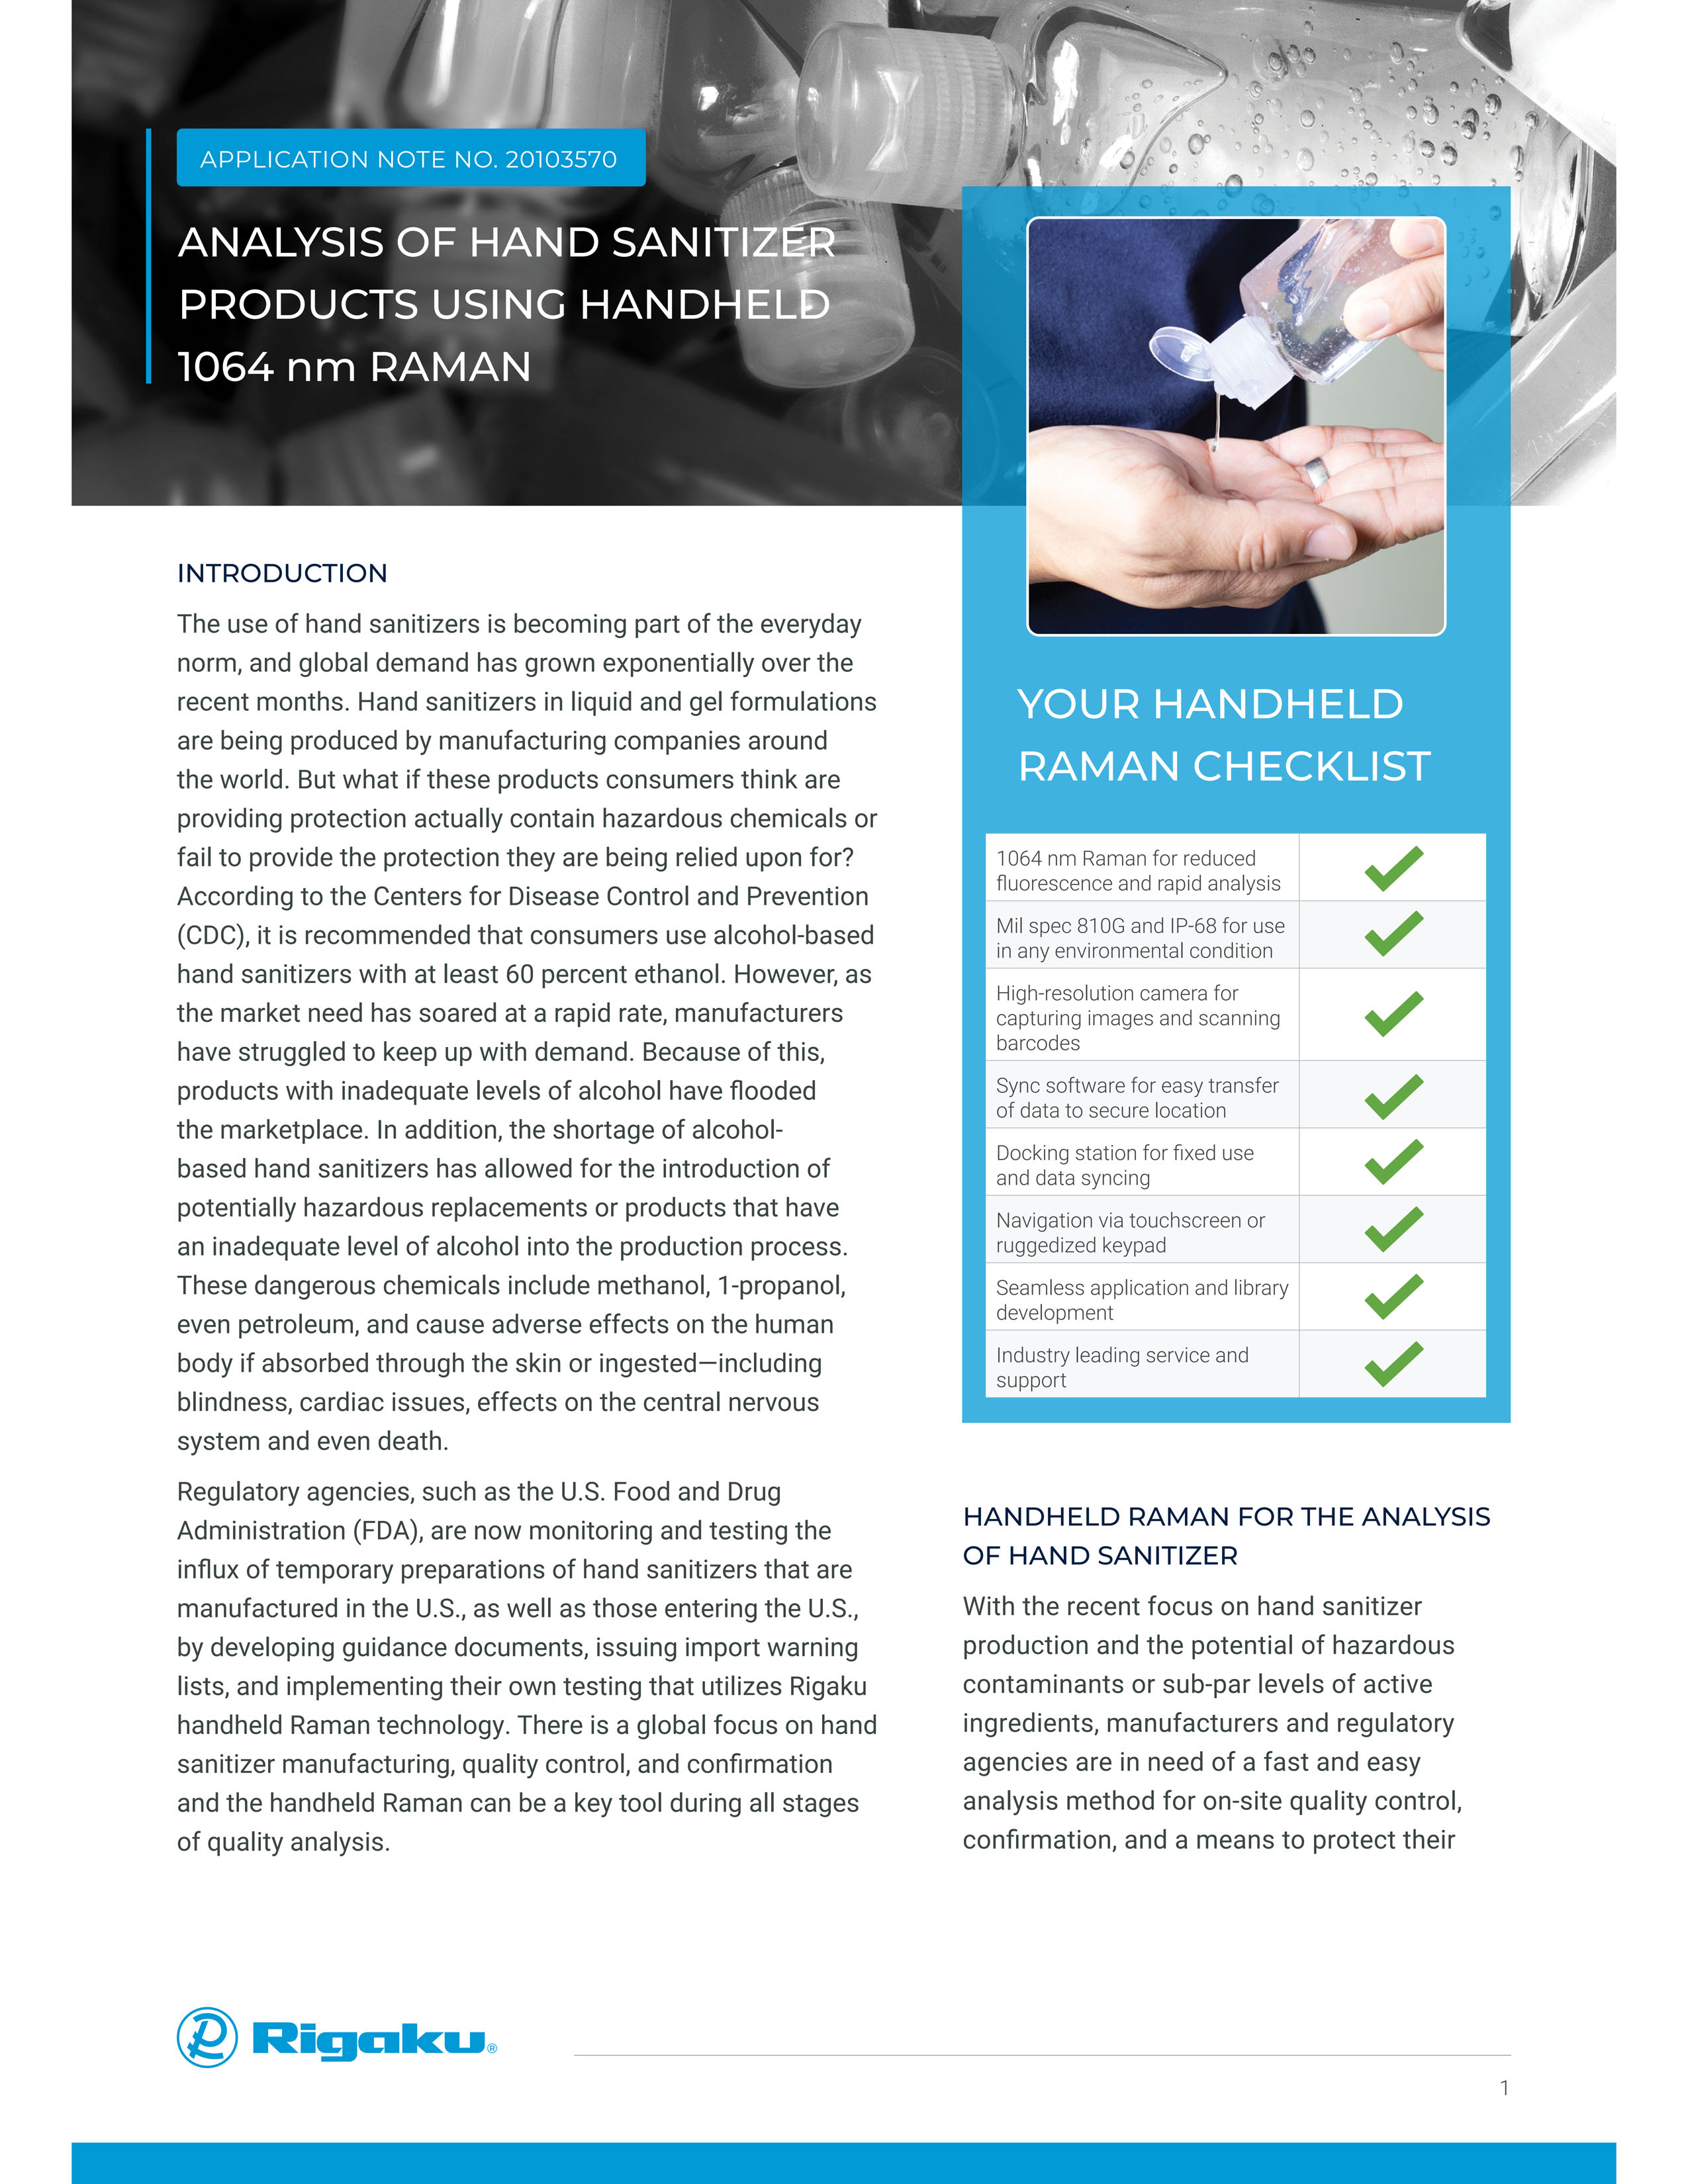 RAD_Hand_Sanitizer_20103570_AppNote_Page_1